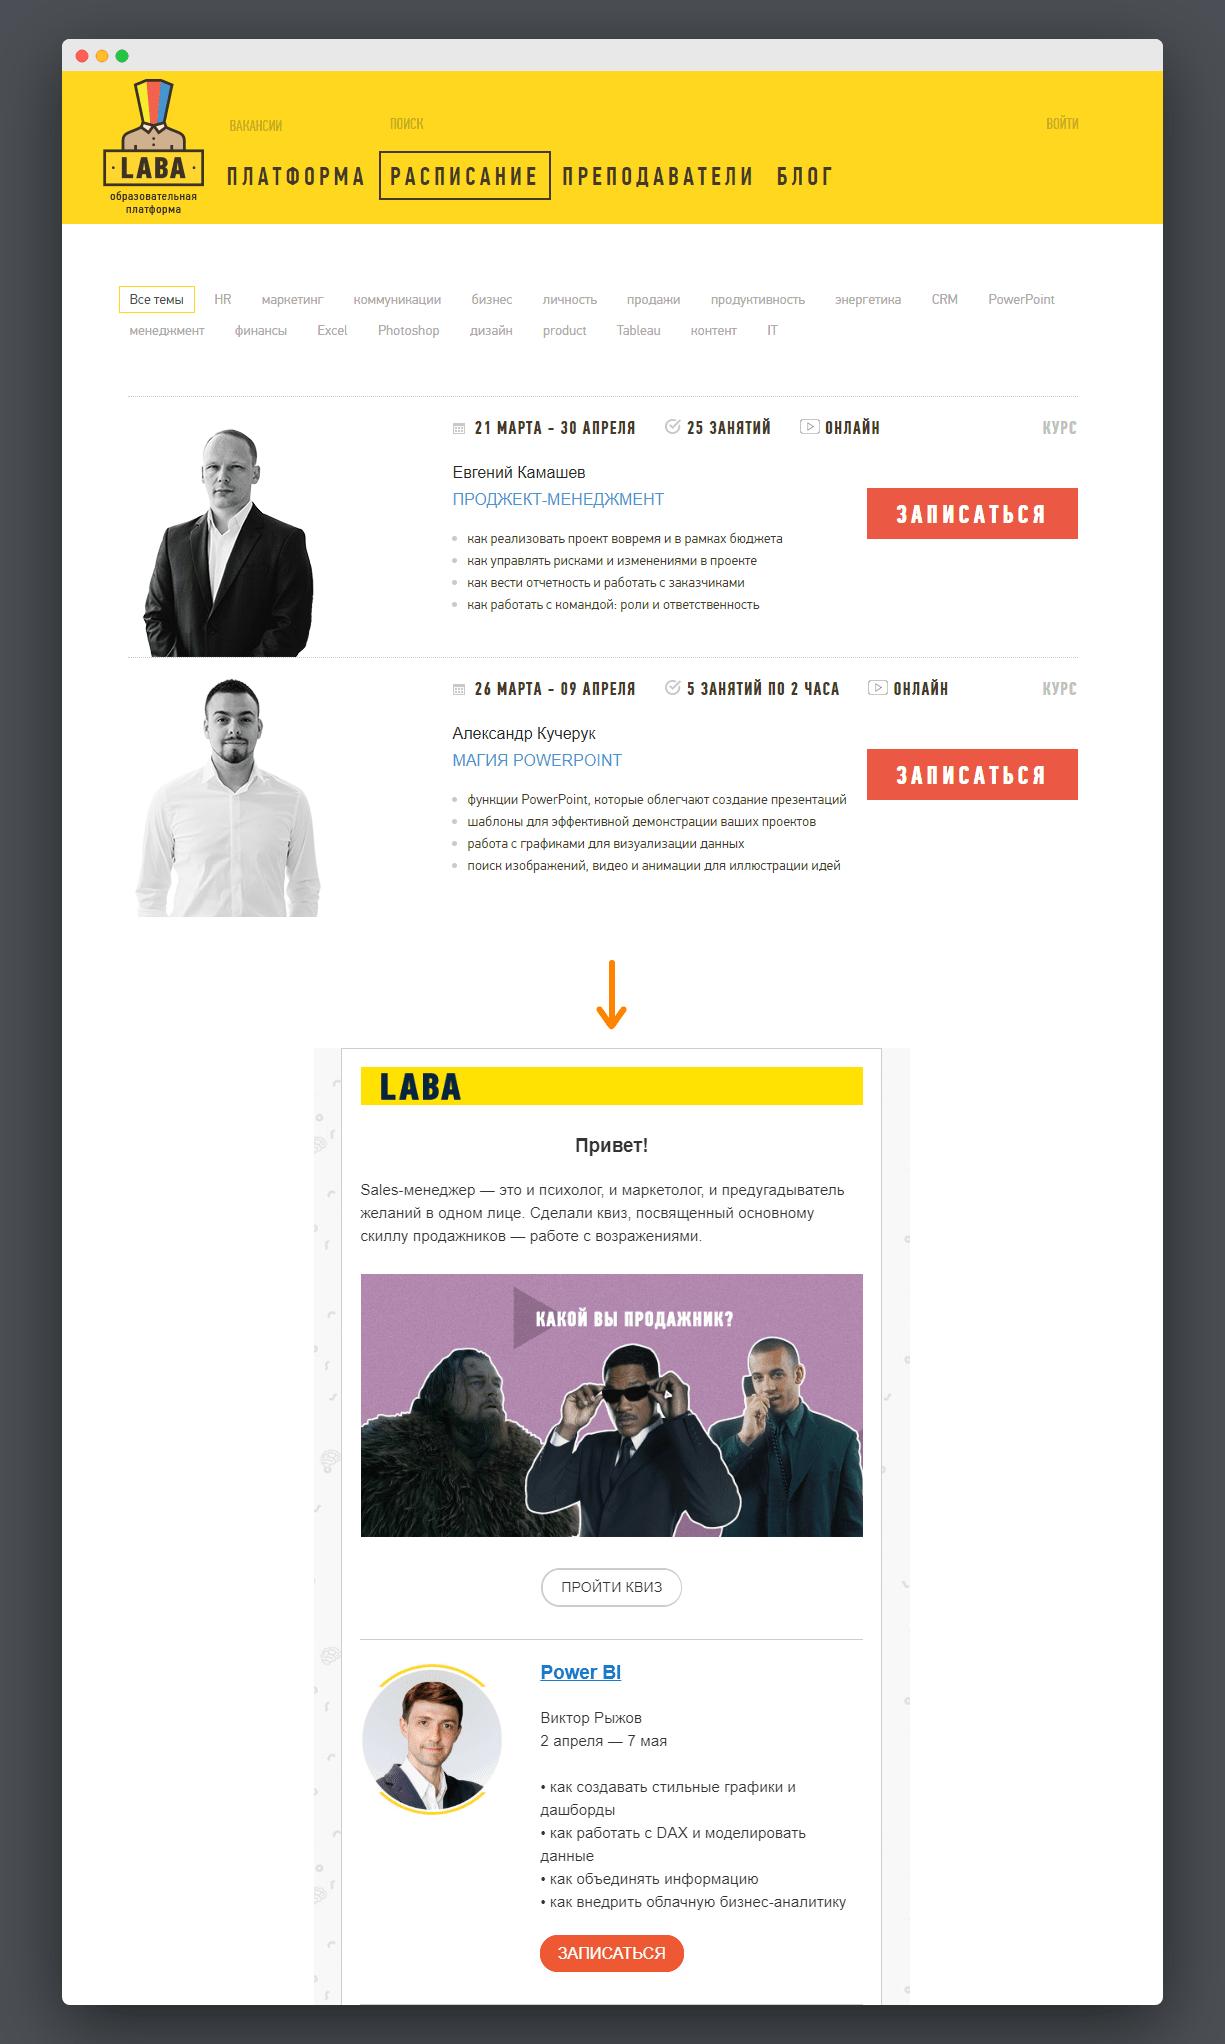 Сайт и рассылка LABA. Те же цвета, похожий стиль и шрифты